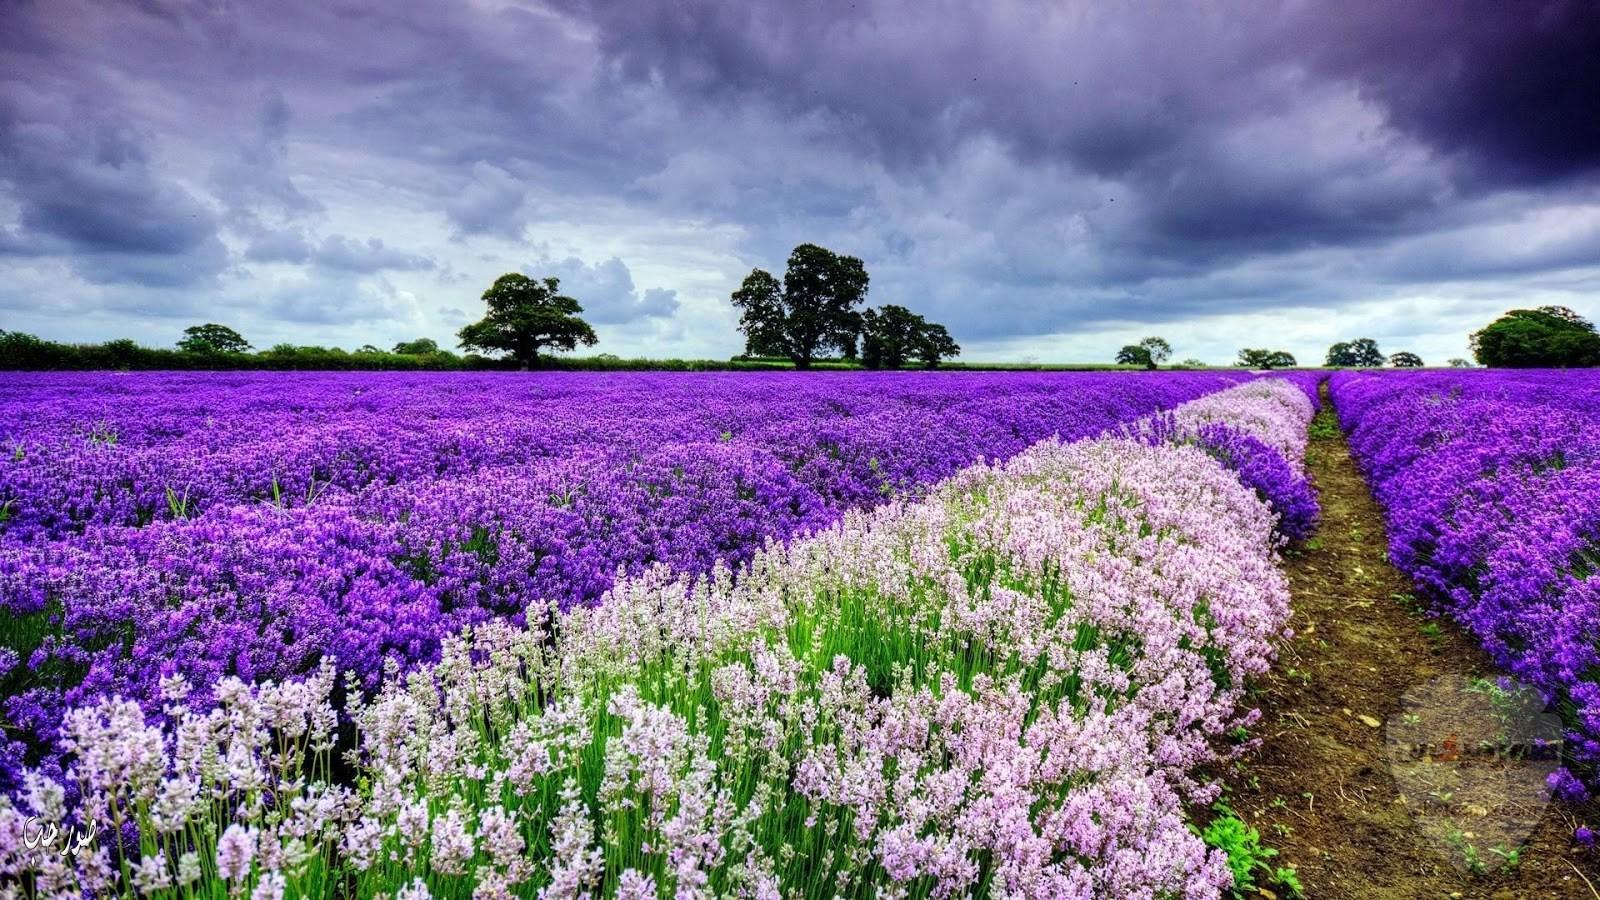 صور طبيعة جميلة صور وخلفيات الطبيعه 2020 أجمل صور للطبيعة 27